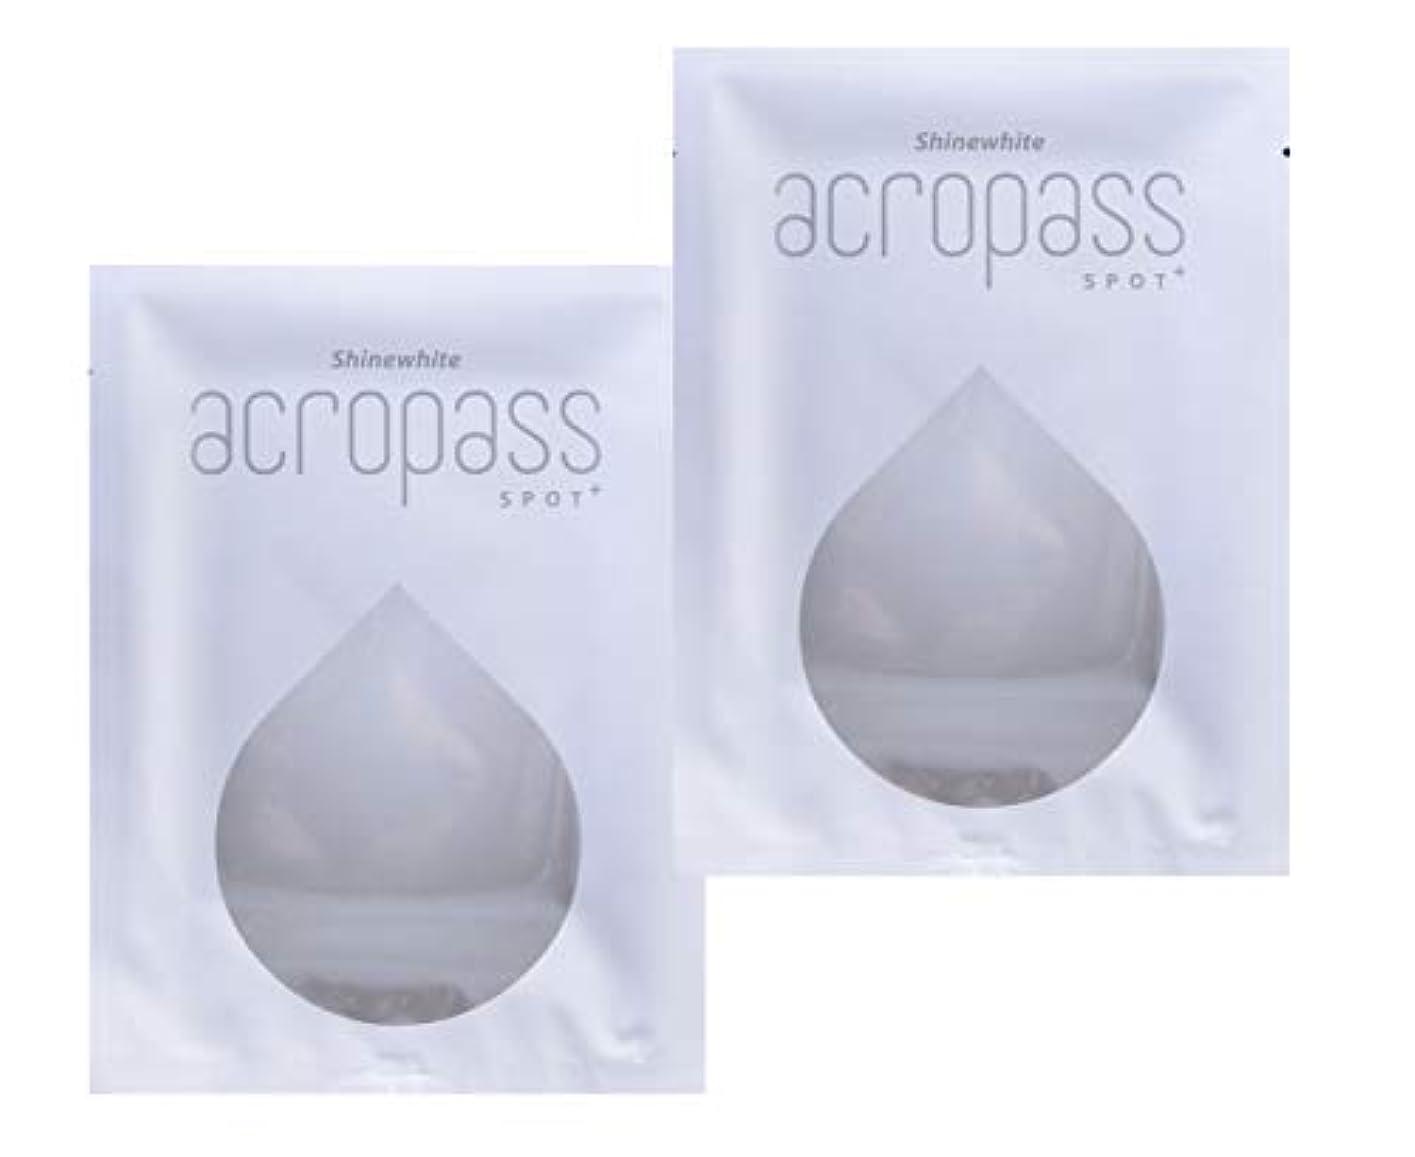 柔和エミュレートする物足りない★★アクロパス スポットプラス★★ 2パウチセット (1パウチ:2枚入り)  美白効果をプラスしたアクロパス、ヒアルロン酸+4種の美白成分配合マイクロニードルパッチ